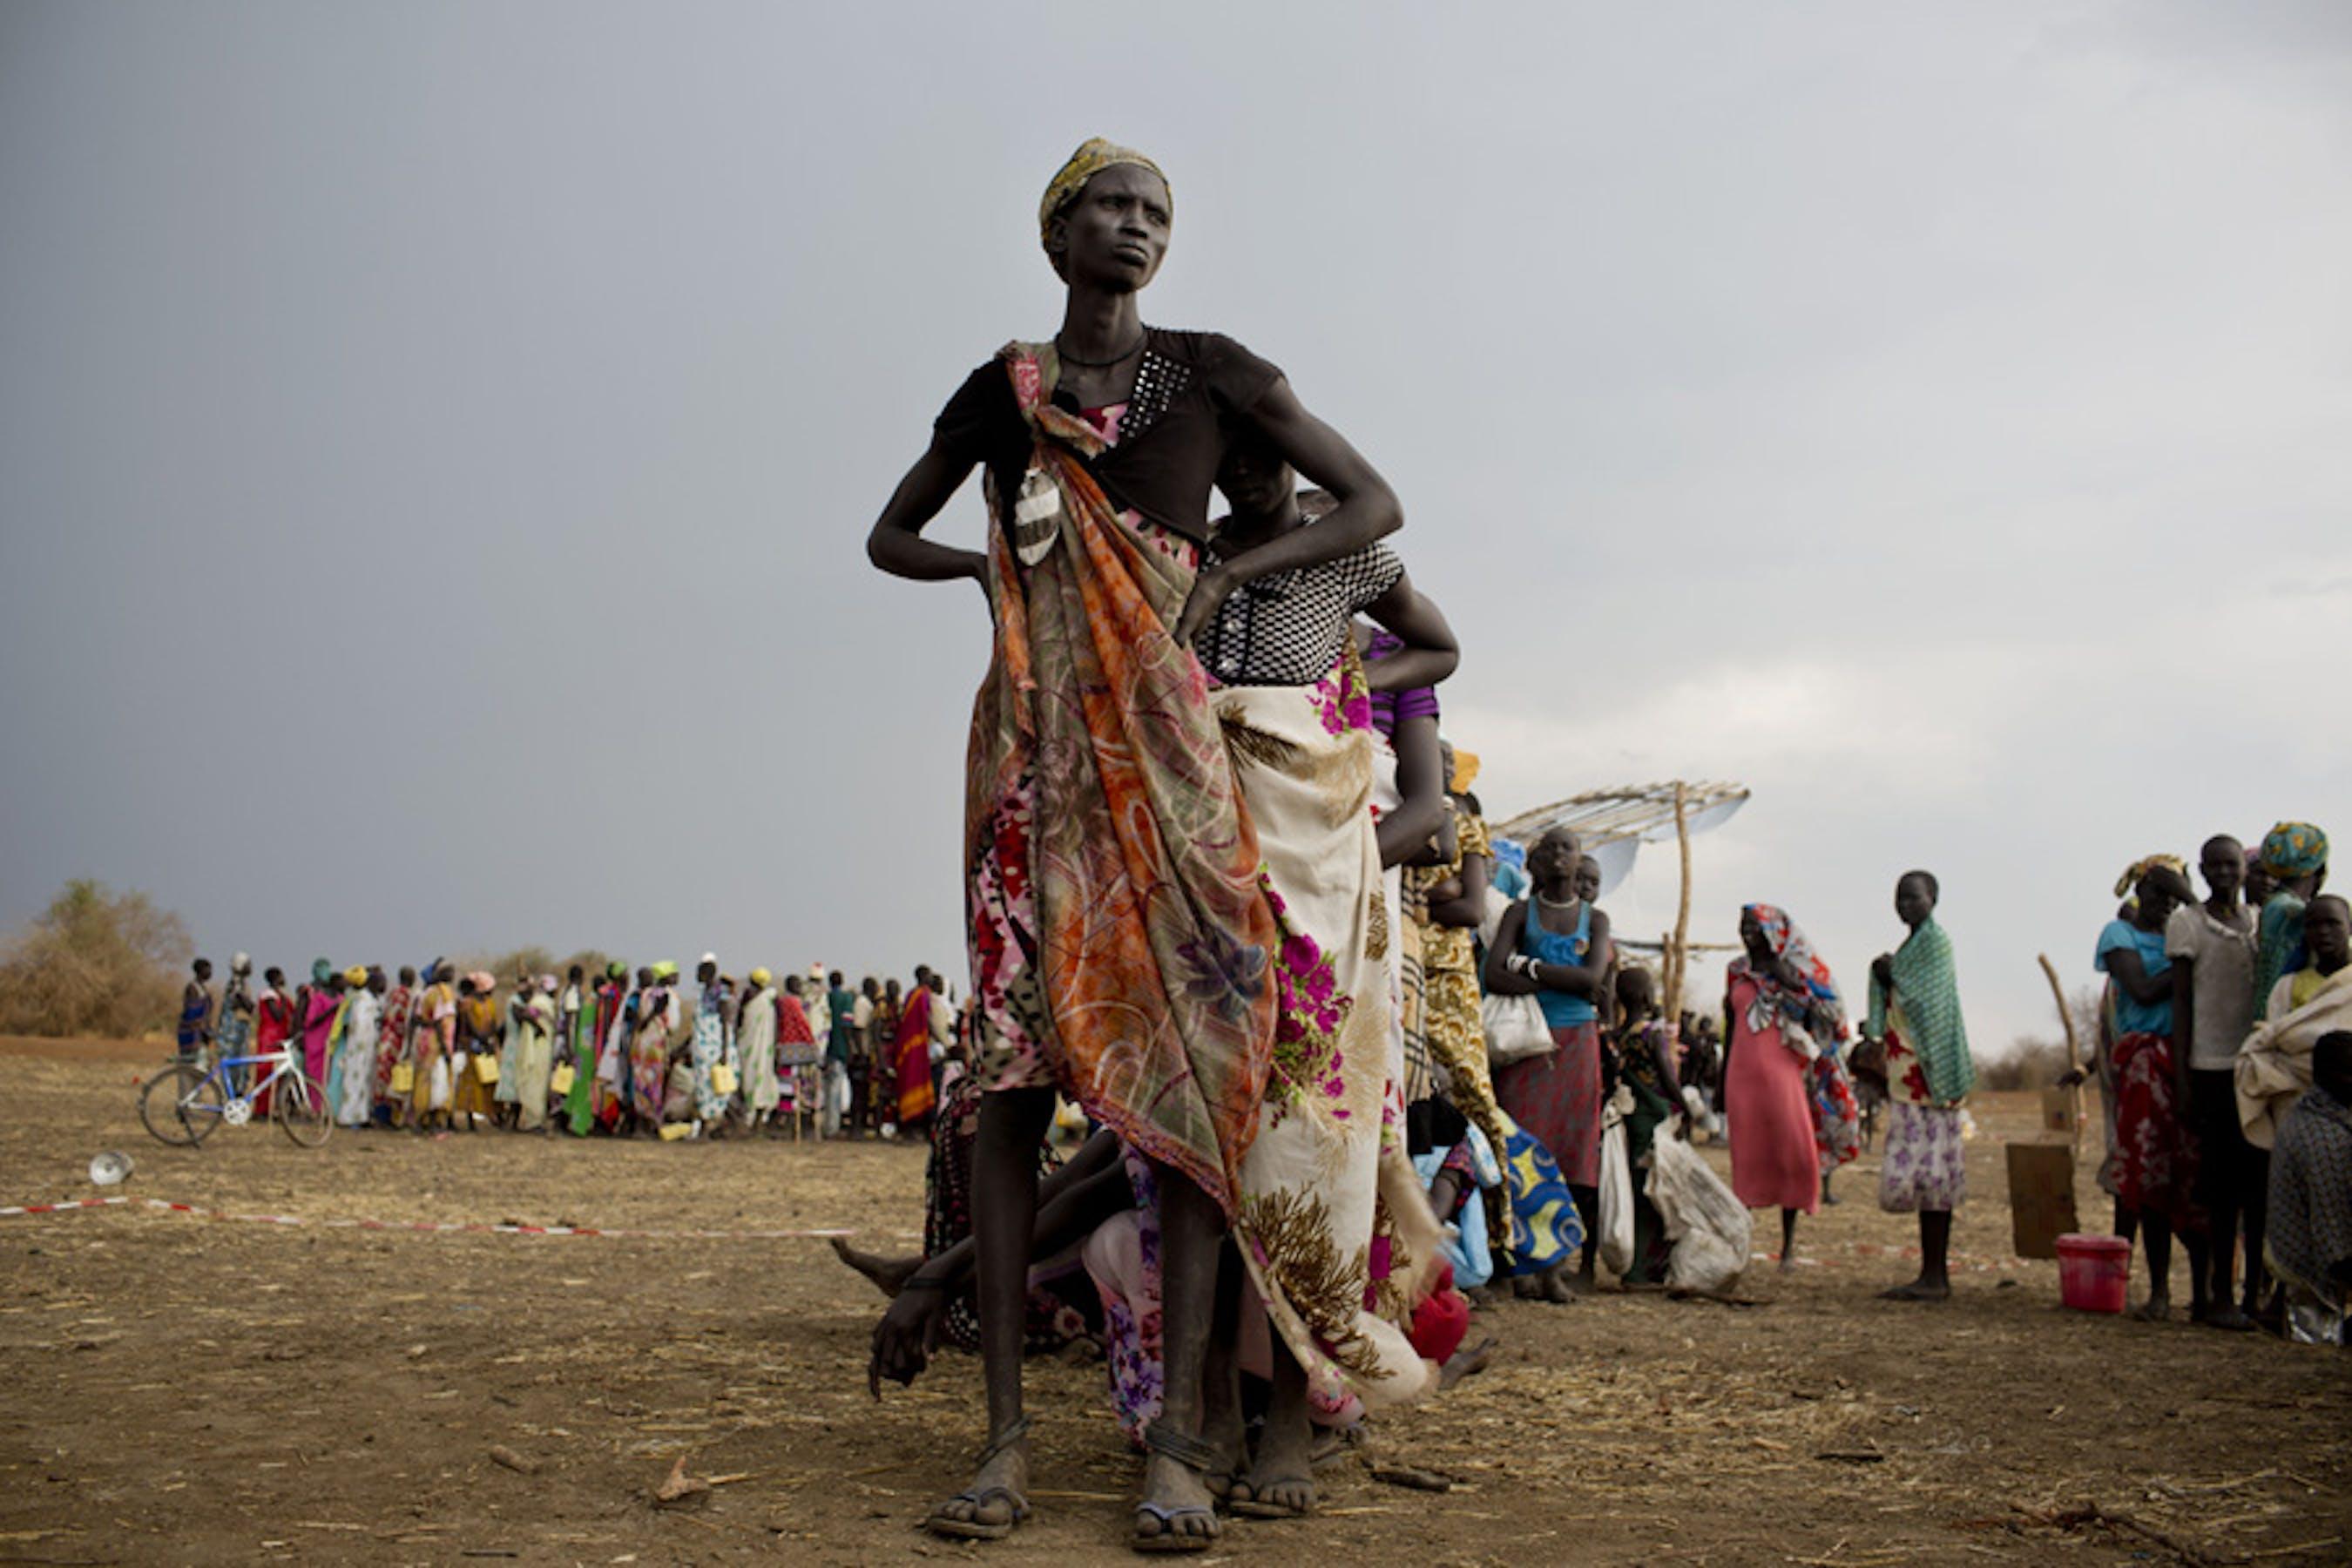 Donne e bambini fanno la fila per la distribuzione di razioni alimentari in un punto di distribuzione di aiuti alimentari a Mingkaman (Sud Sudan) - ©UNICEF/NYHQ2014-0349/Holt